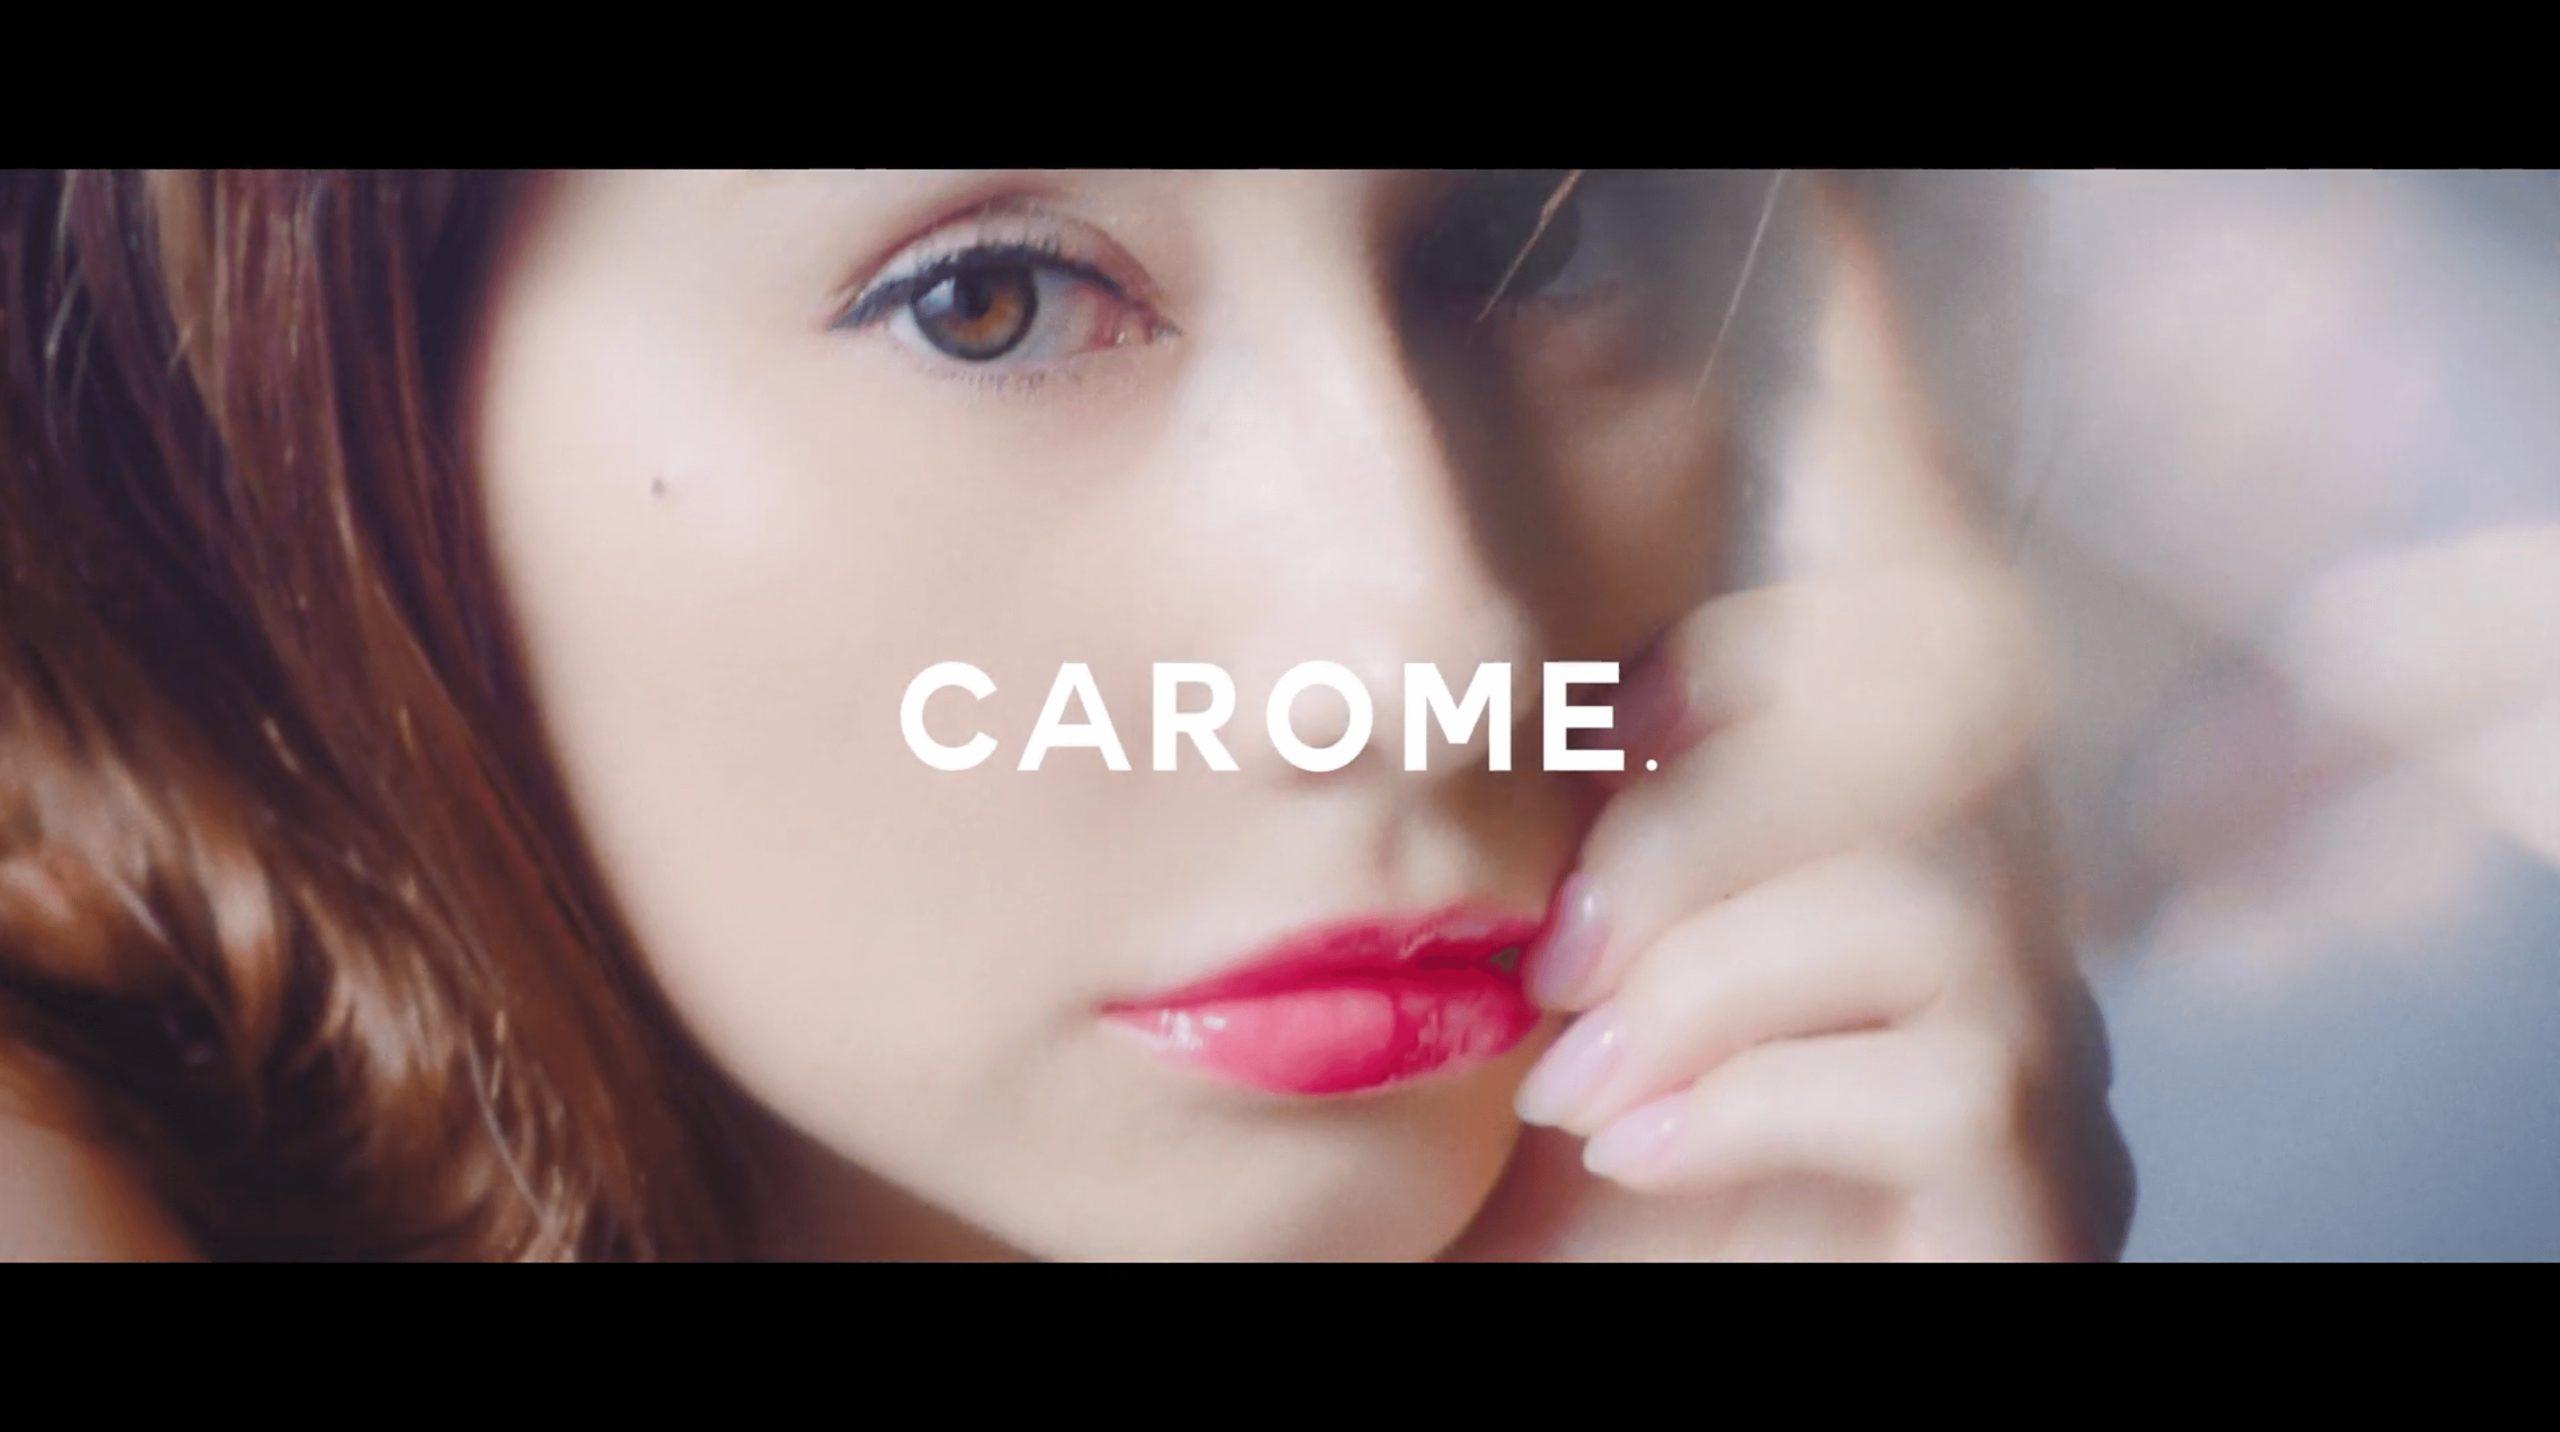 【私は、奪われない。】CAROME. ブルーミングリップグロウ【ダレノガレ明美プロデュース】